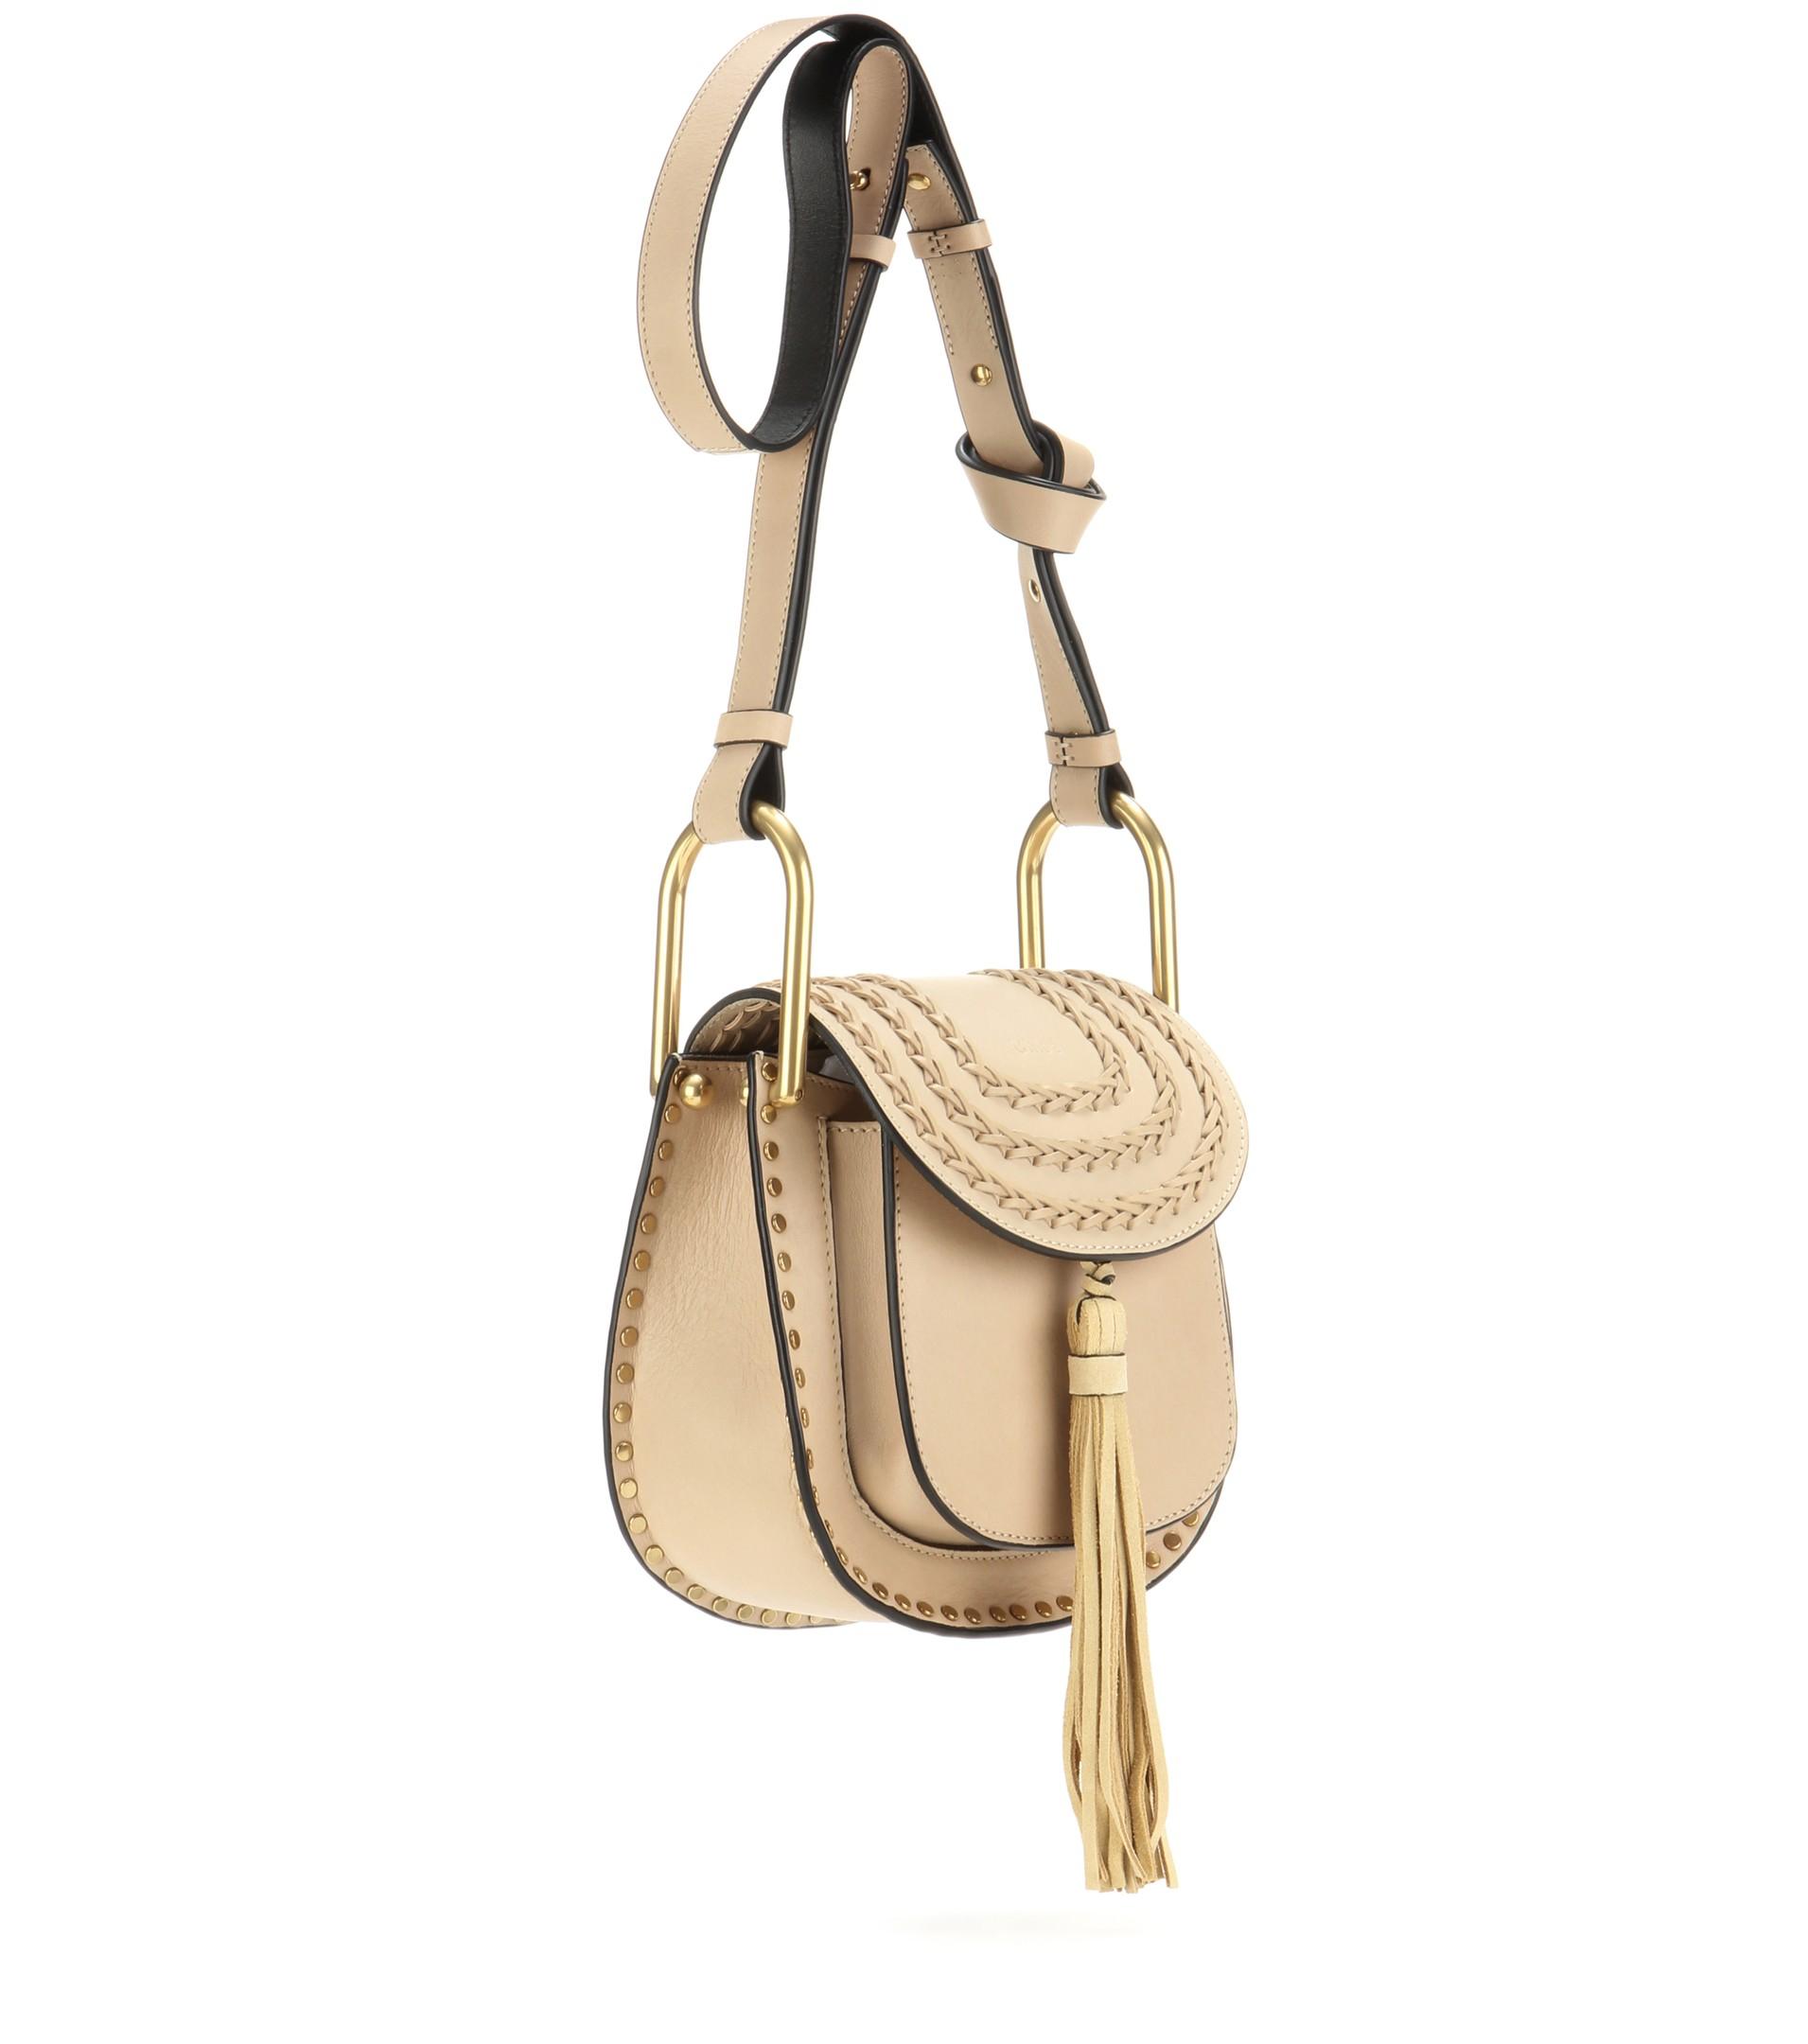 7cd7db98892 Chloé Hudson Leather Shoulder Bag in Natural - Lyst